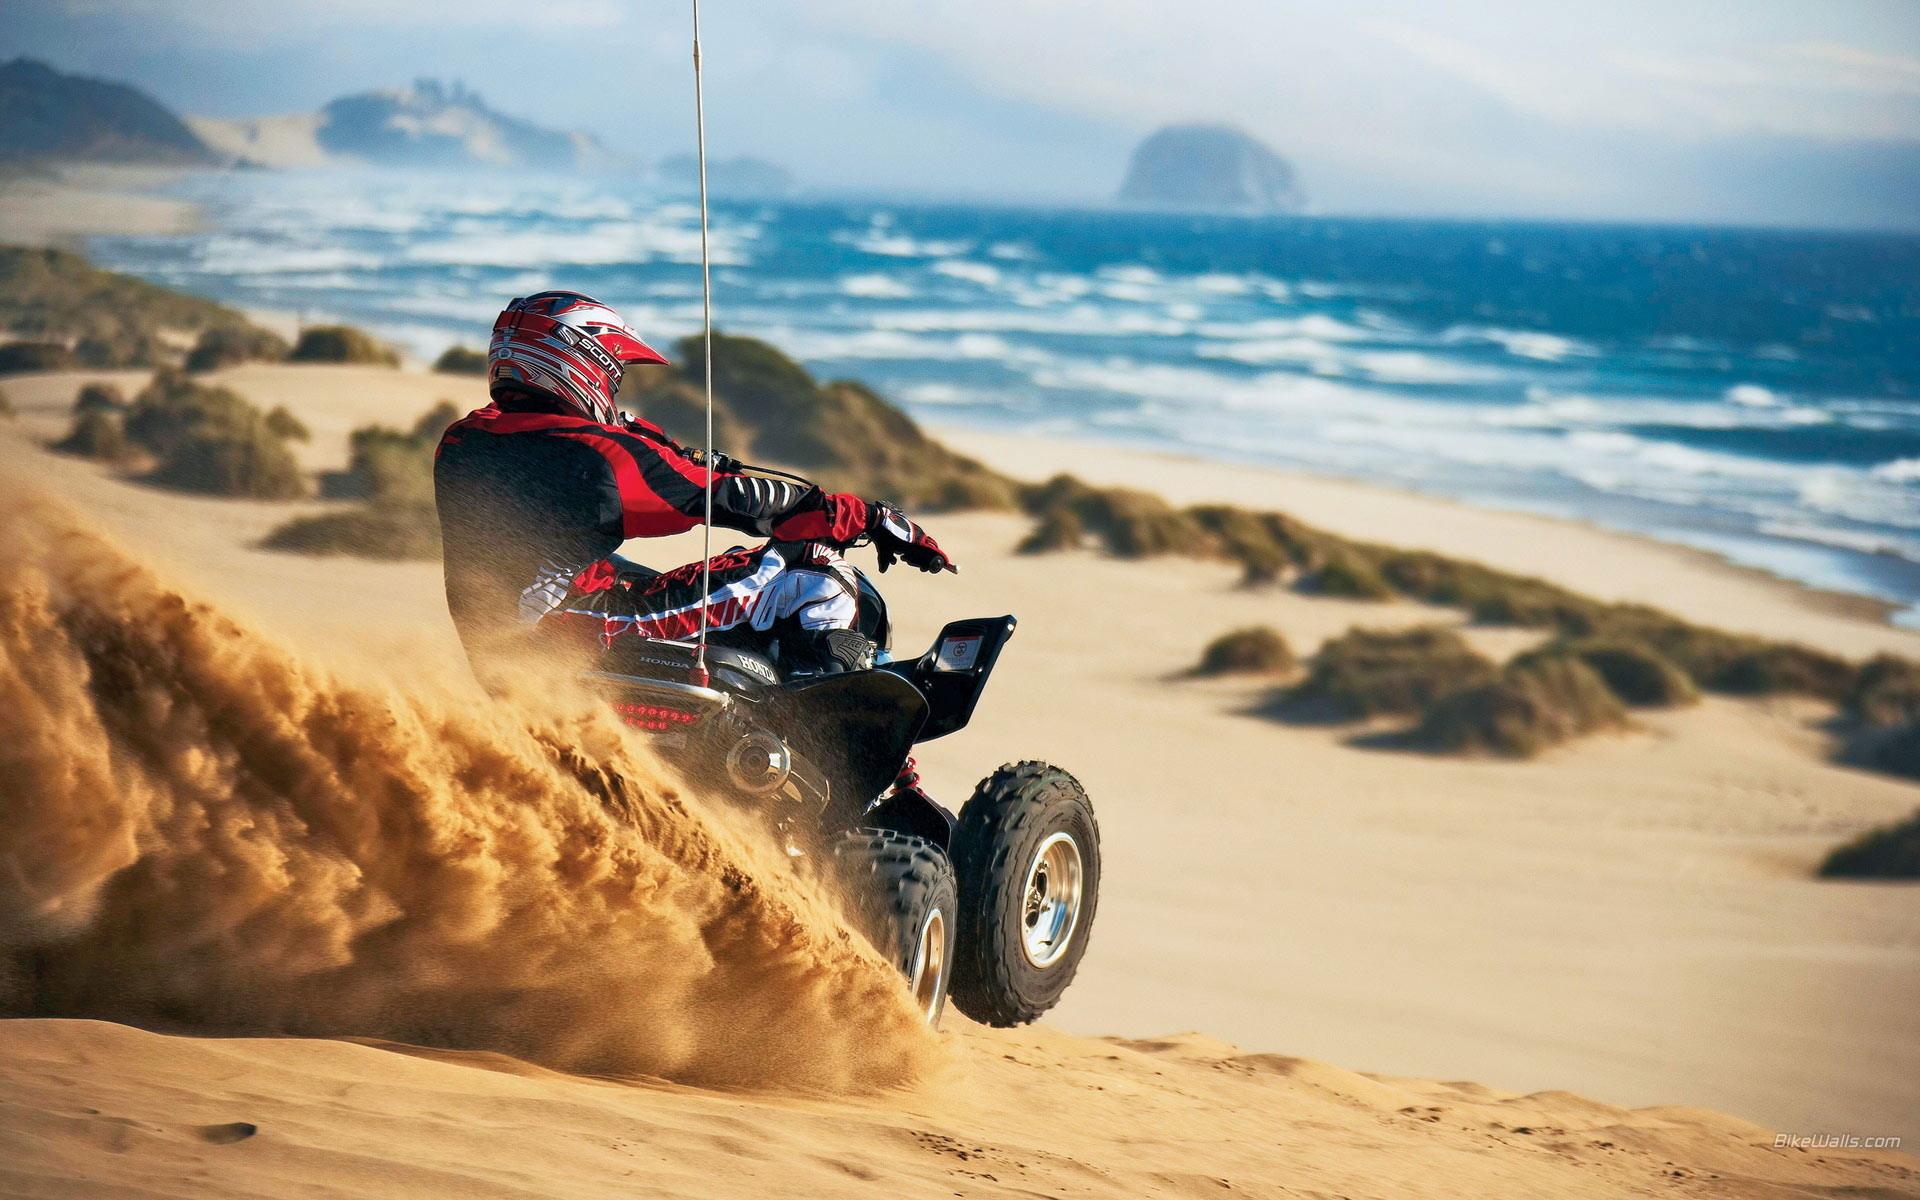 мотоцикл песок дорога дом  № 954710 бесплатно